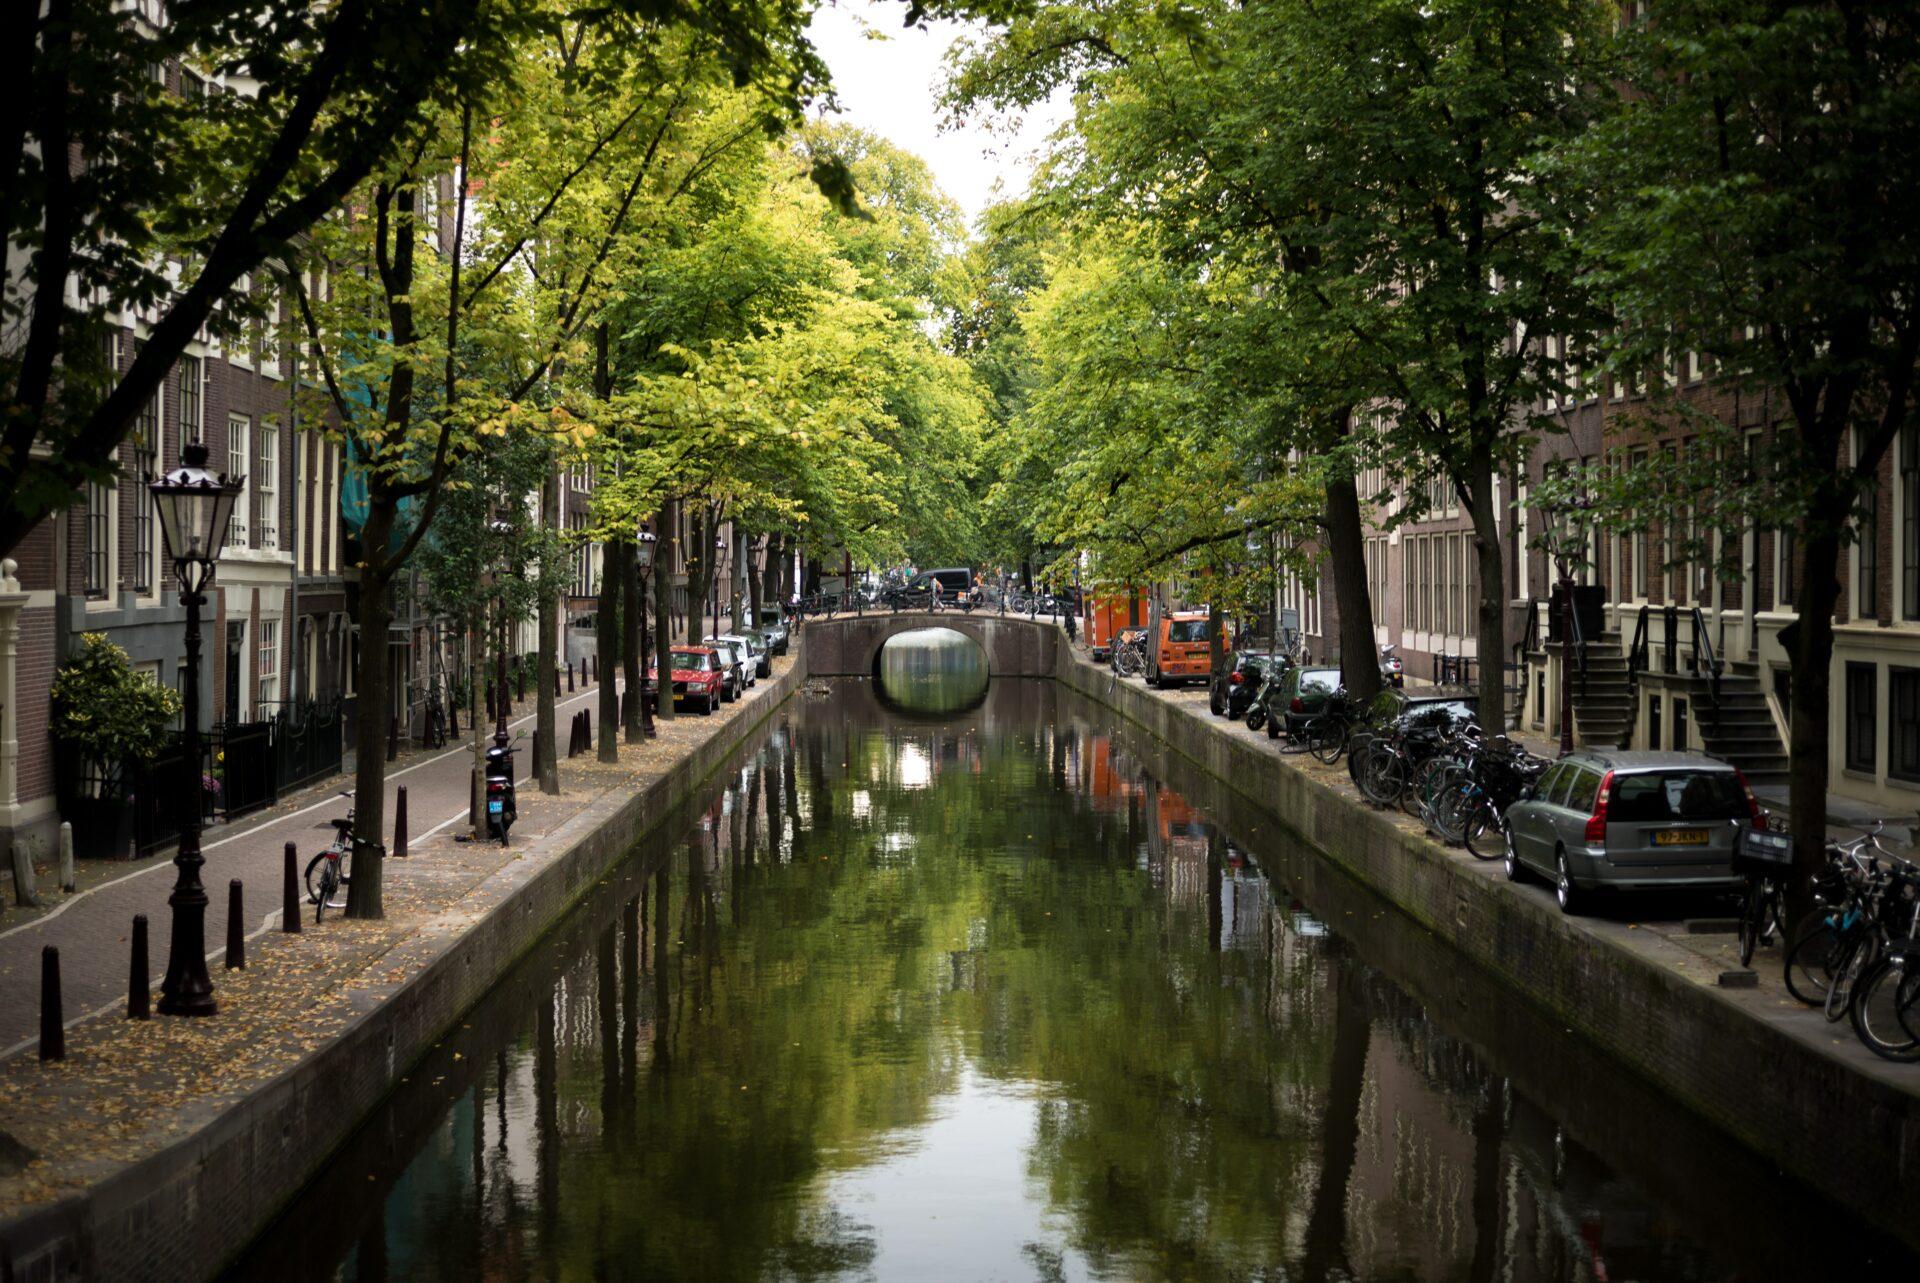 """Amsterdam canal. Photo by Boudewijn """"Bo"""" Boer on Unsplash."""